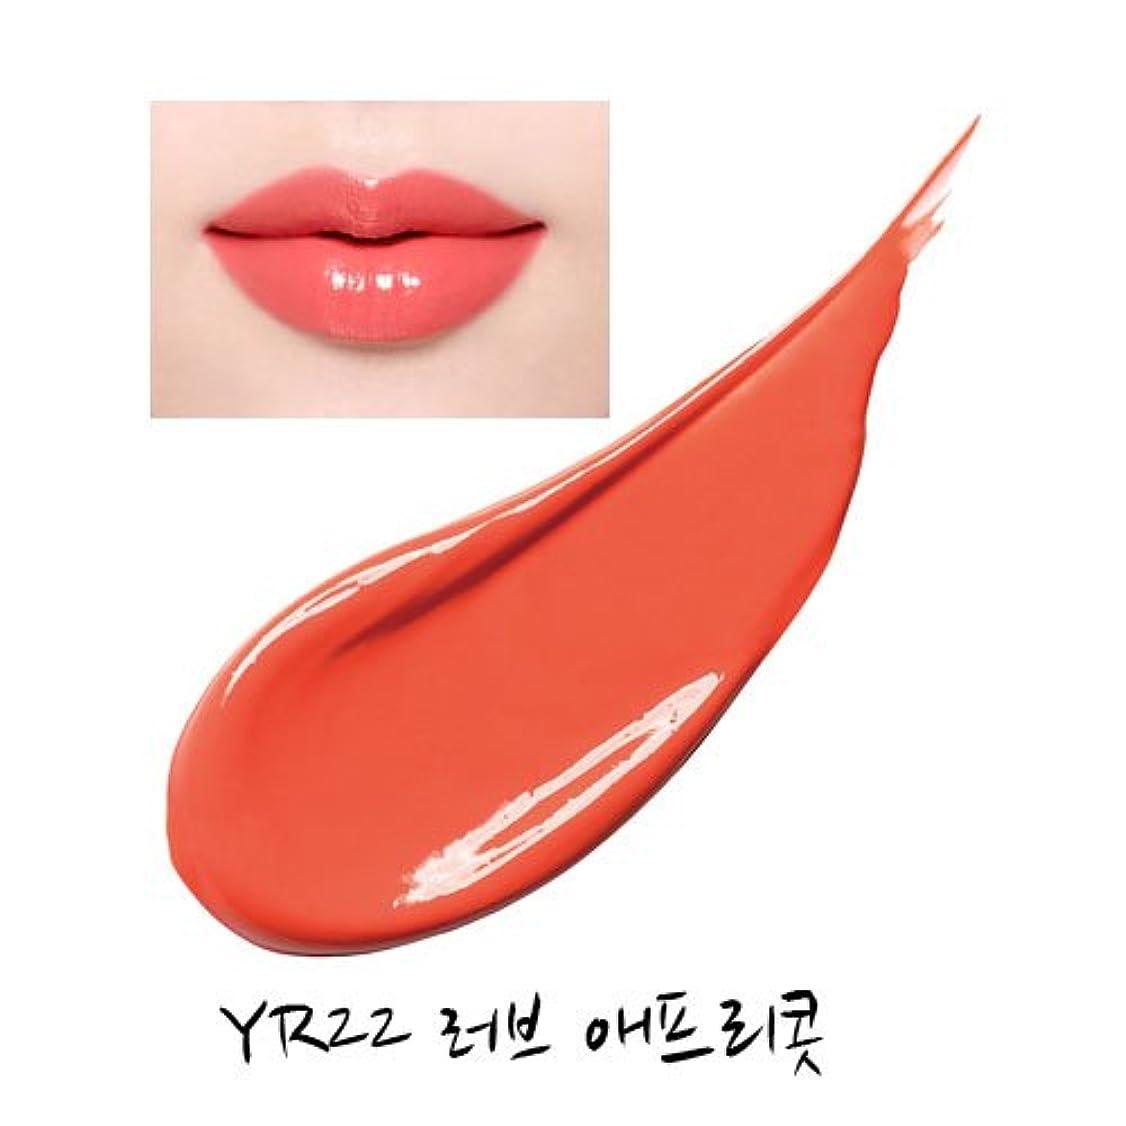 終了する全く土ラネージュ [韓国コスメ LANEIGE] セラム インテンス リップスティック # Serum Intense Lipstick 3.5g (YR22) [並行輸入品]